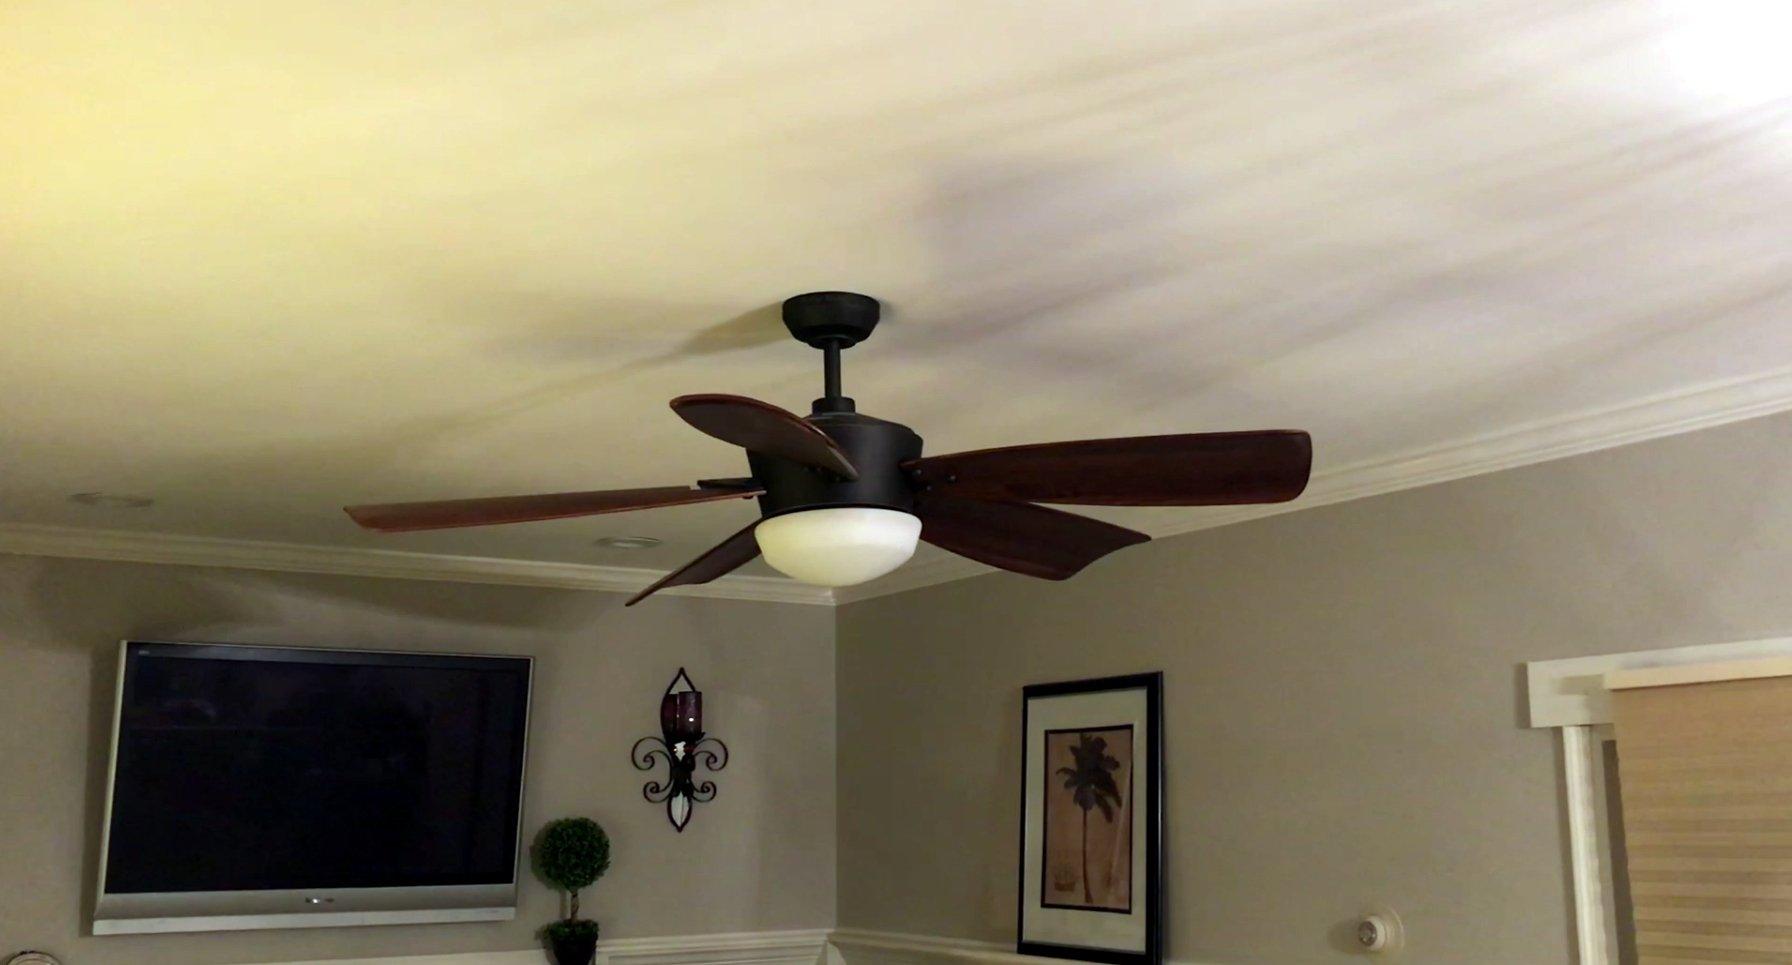 Best Crofton Electrician for Ceiling Fan Install